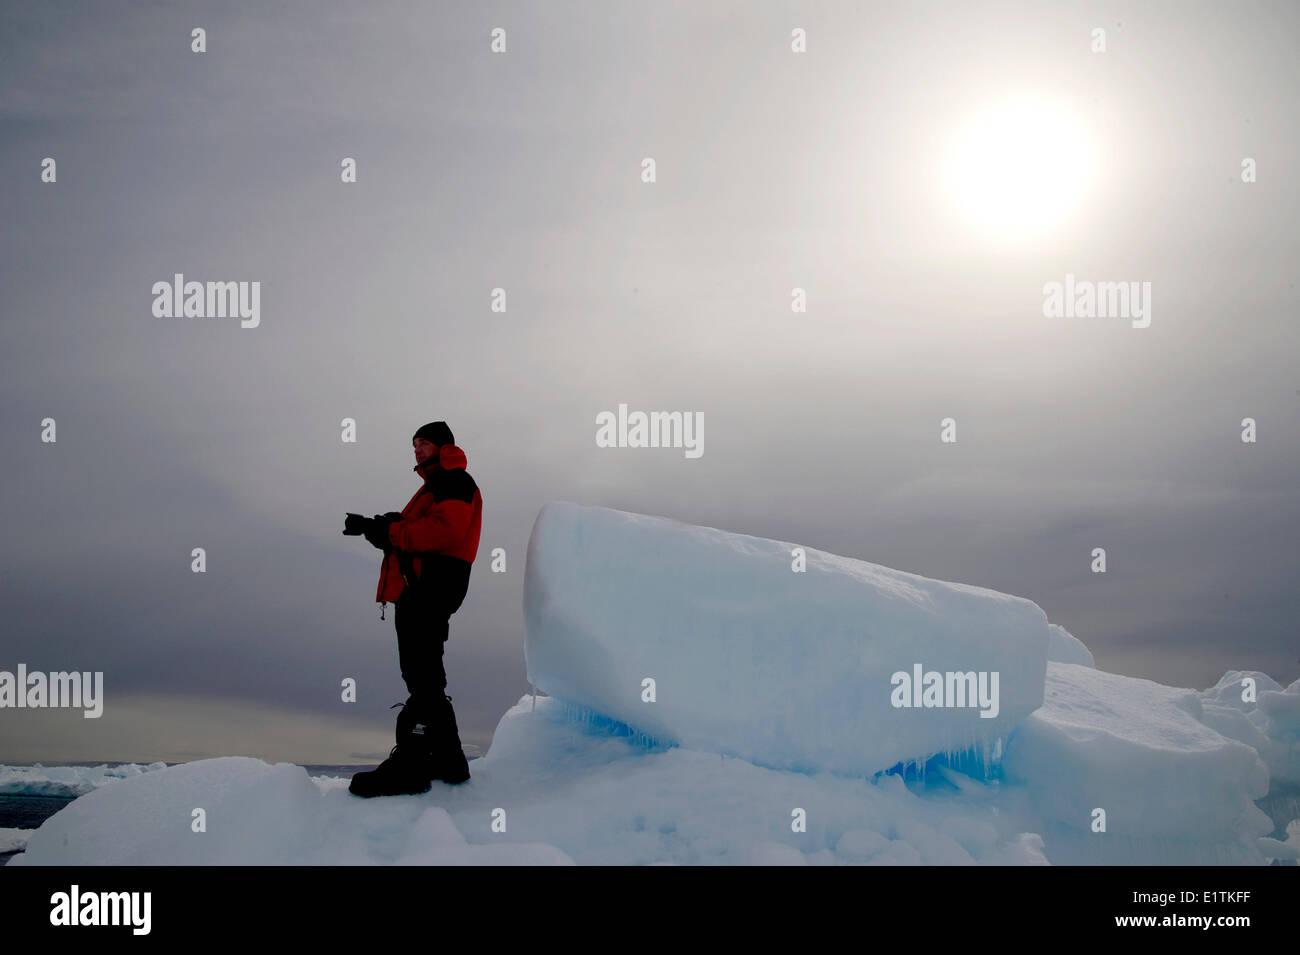 Fotografo su floe-edge, Arctic Bay, Nunavut, Canada Immagini Stock